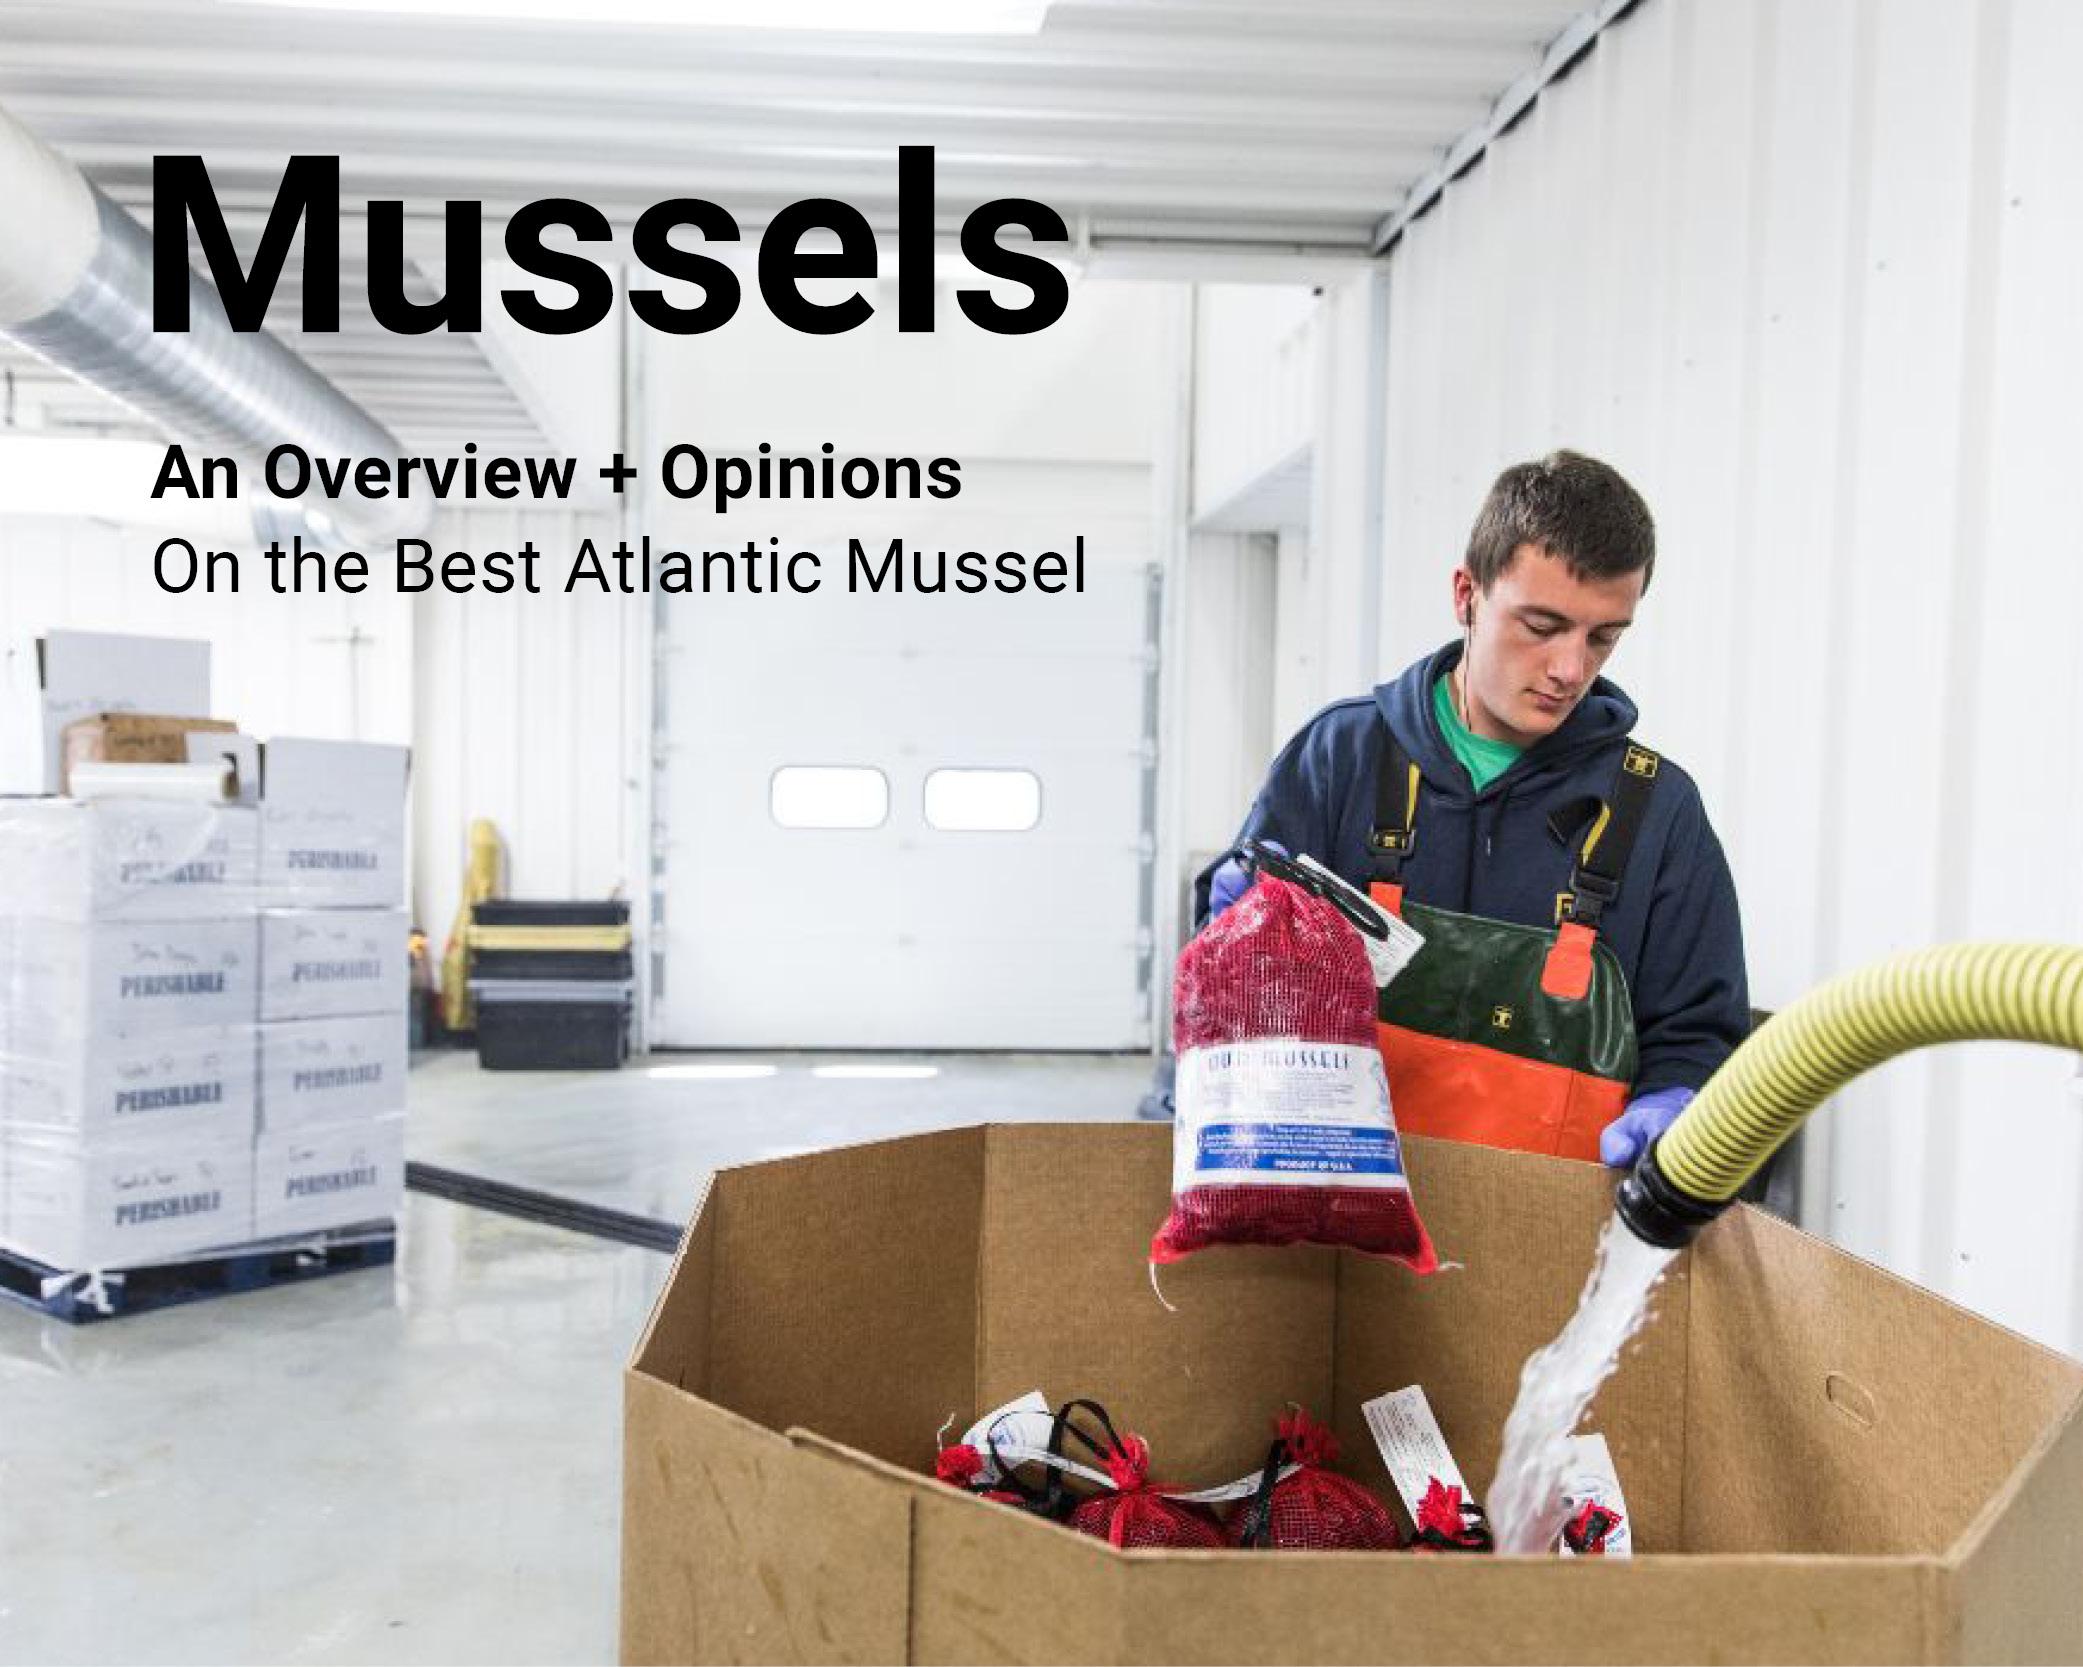 mussel newsletter header.jpg